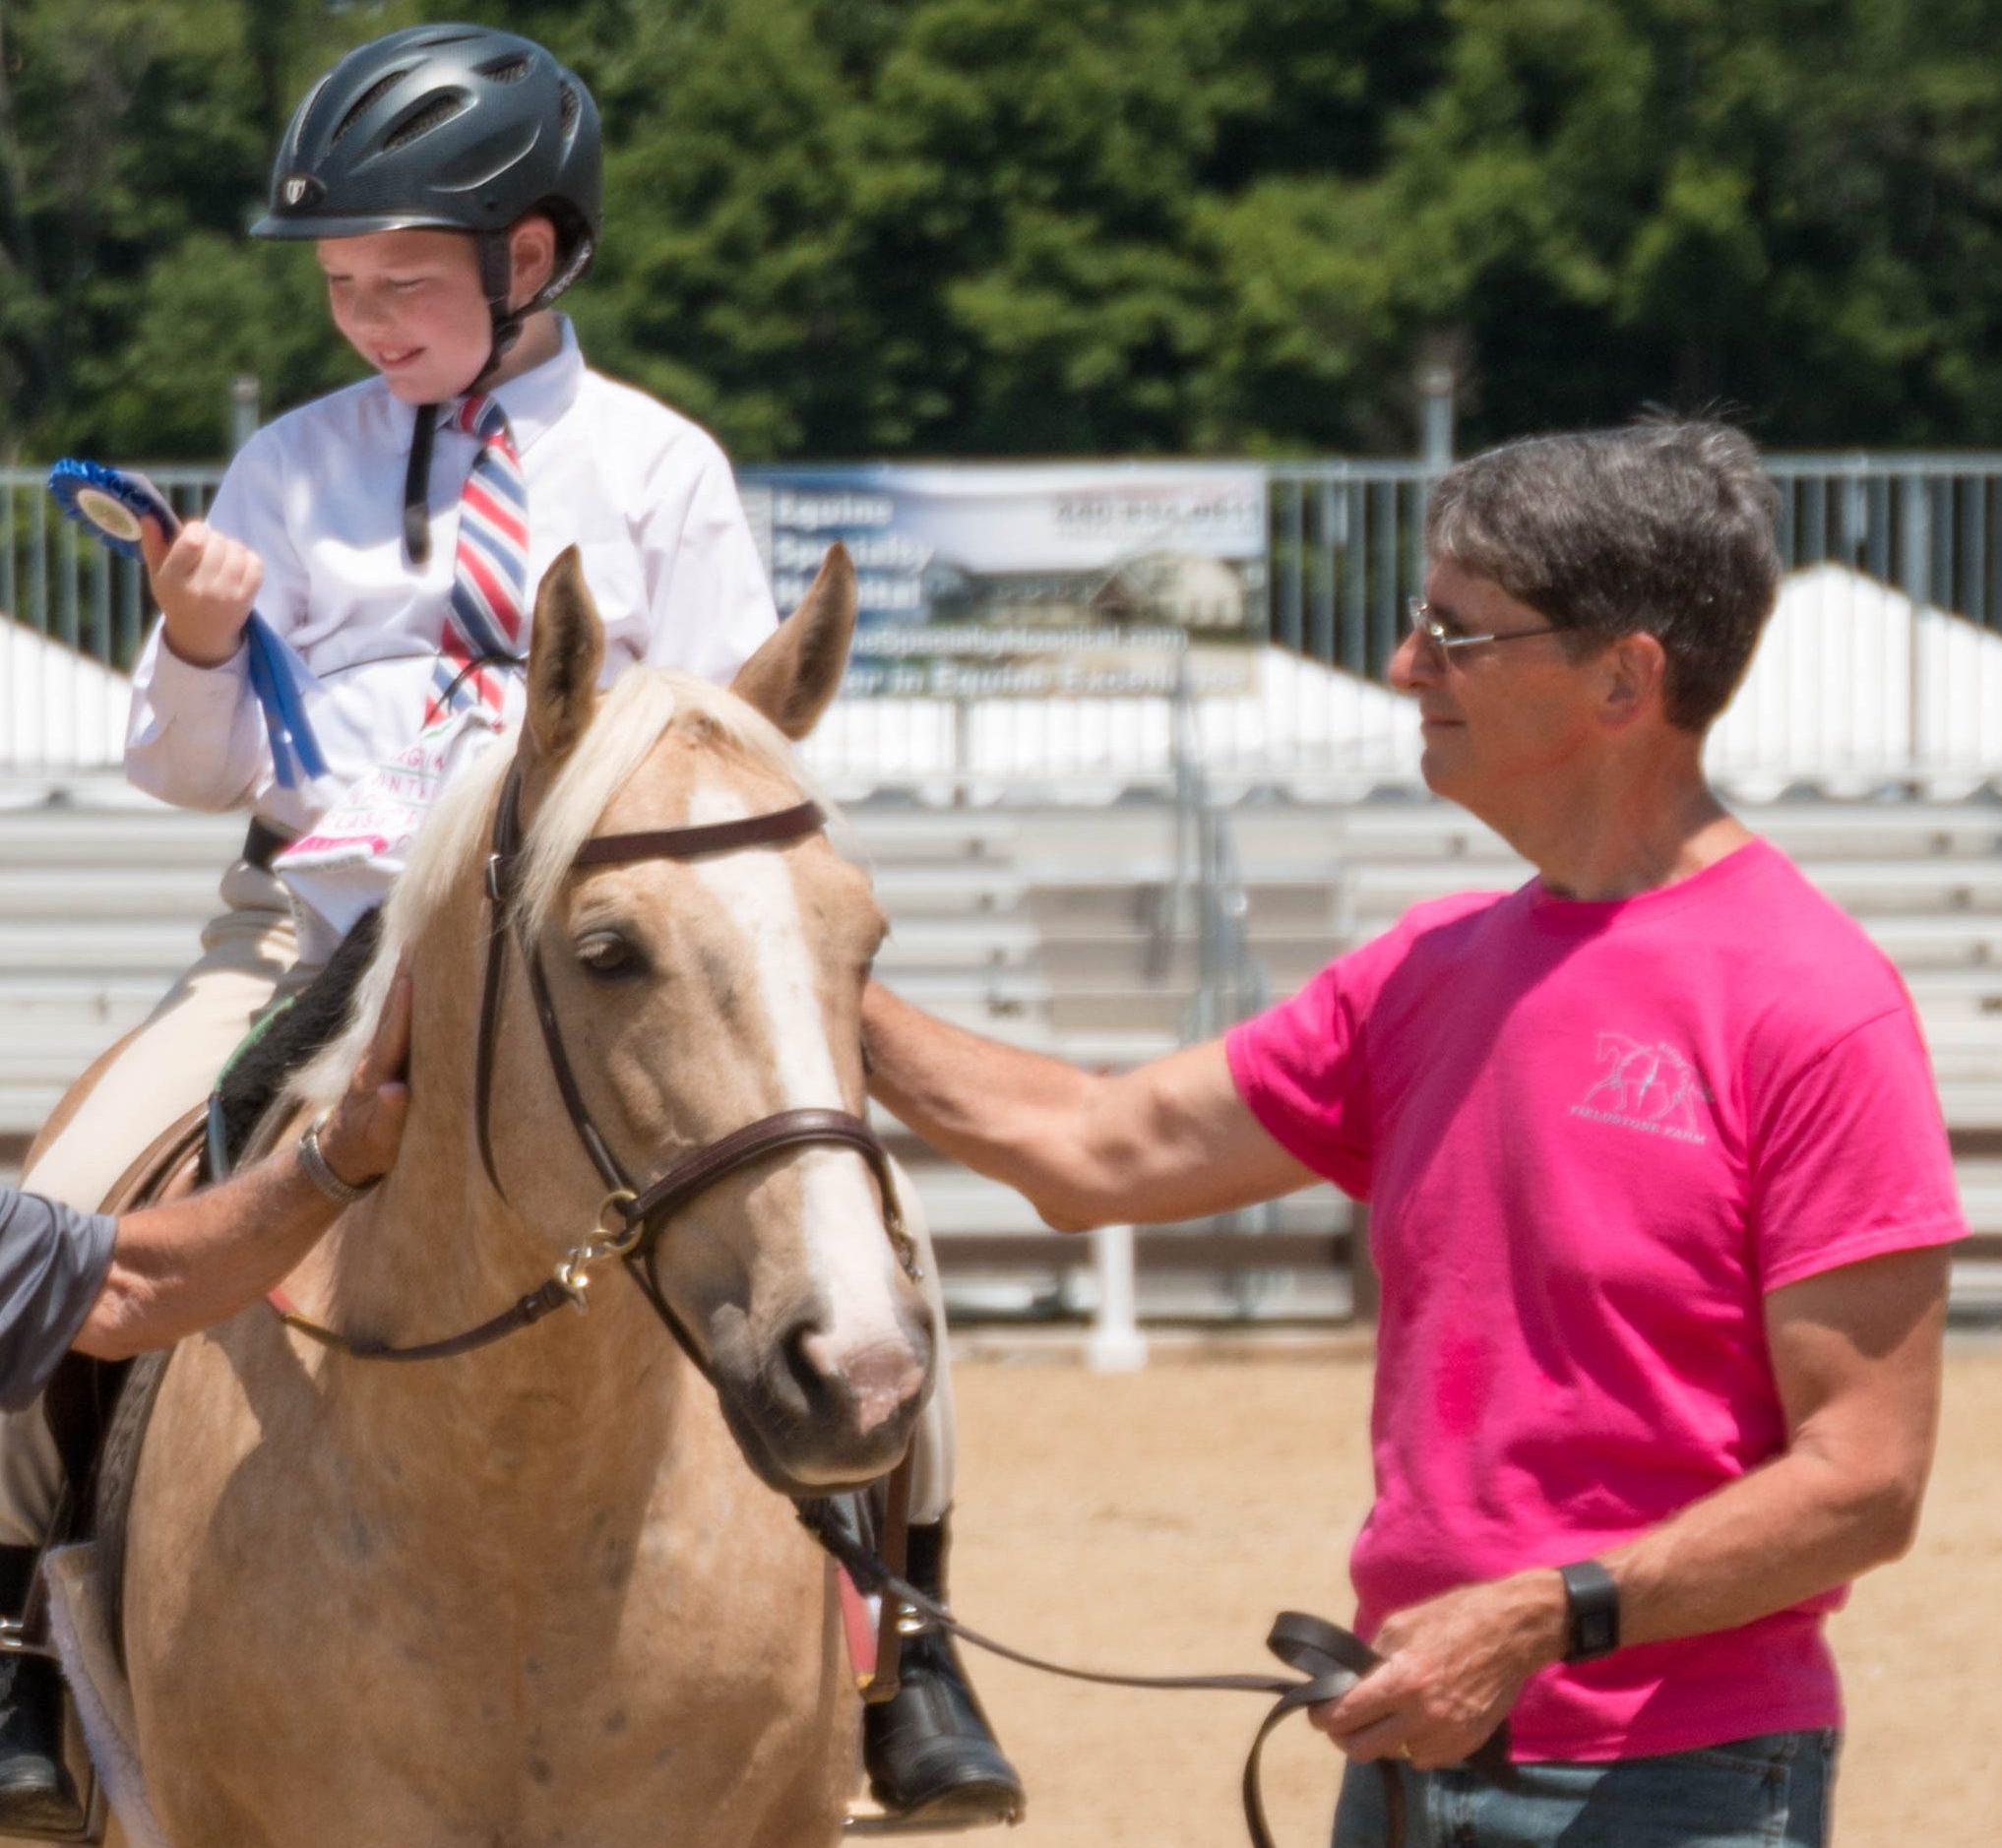 Scott -- horse show 2016